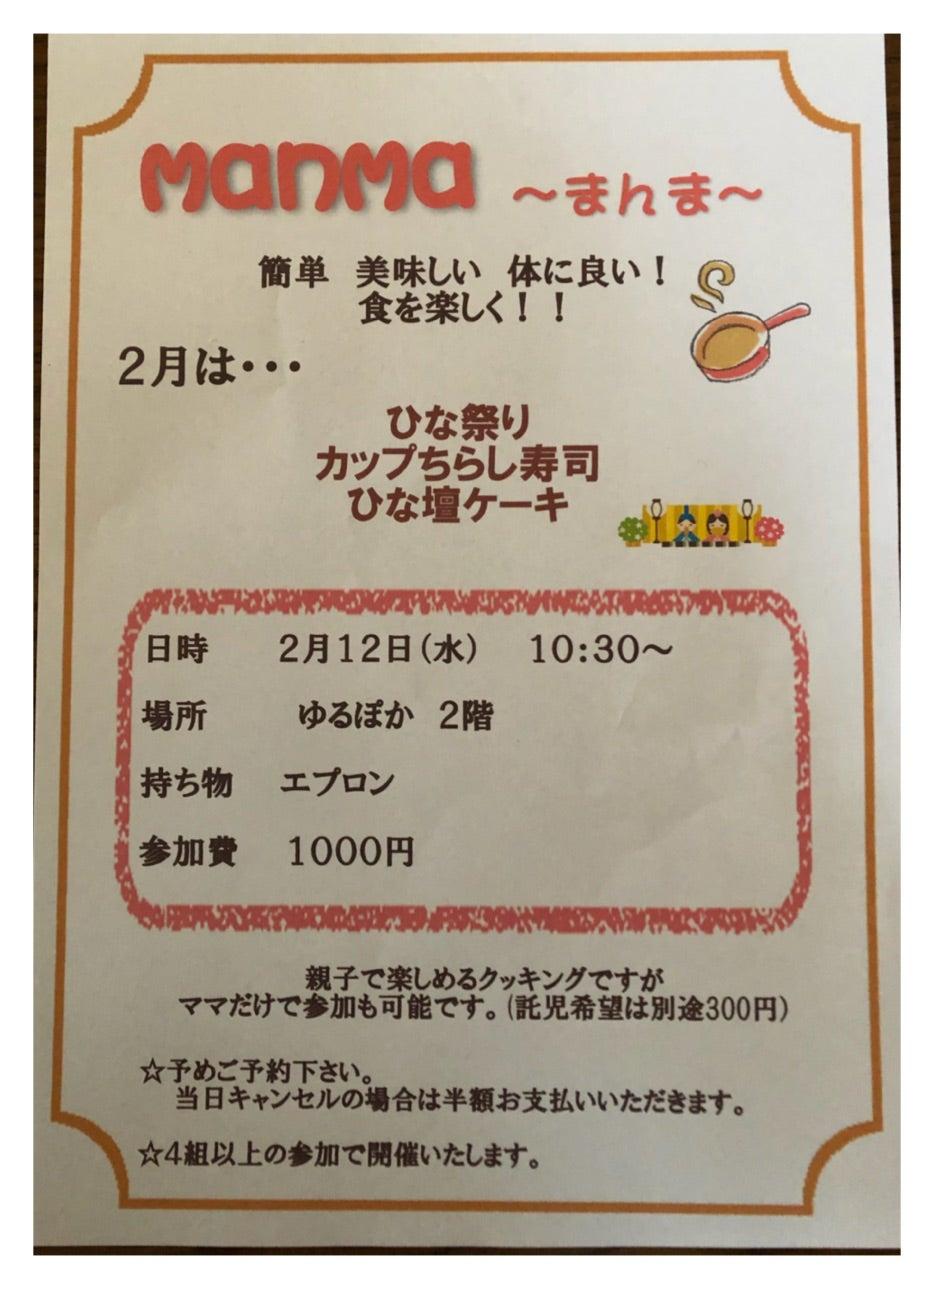 2/12(水)manma(親子クッキング)のお知らせ!